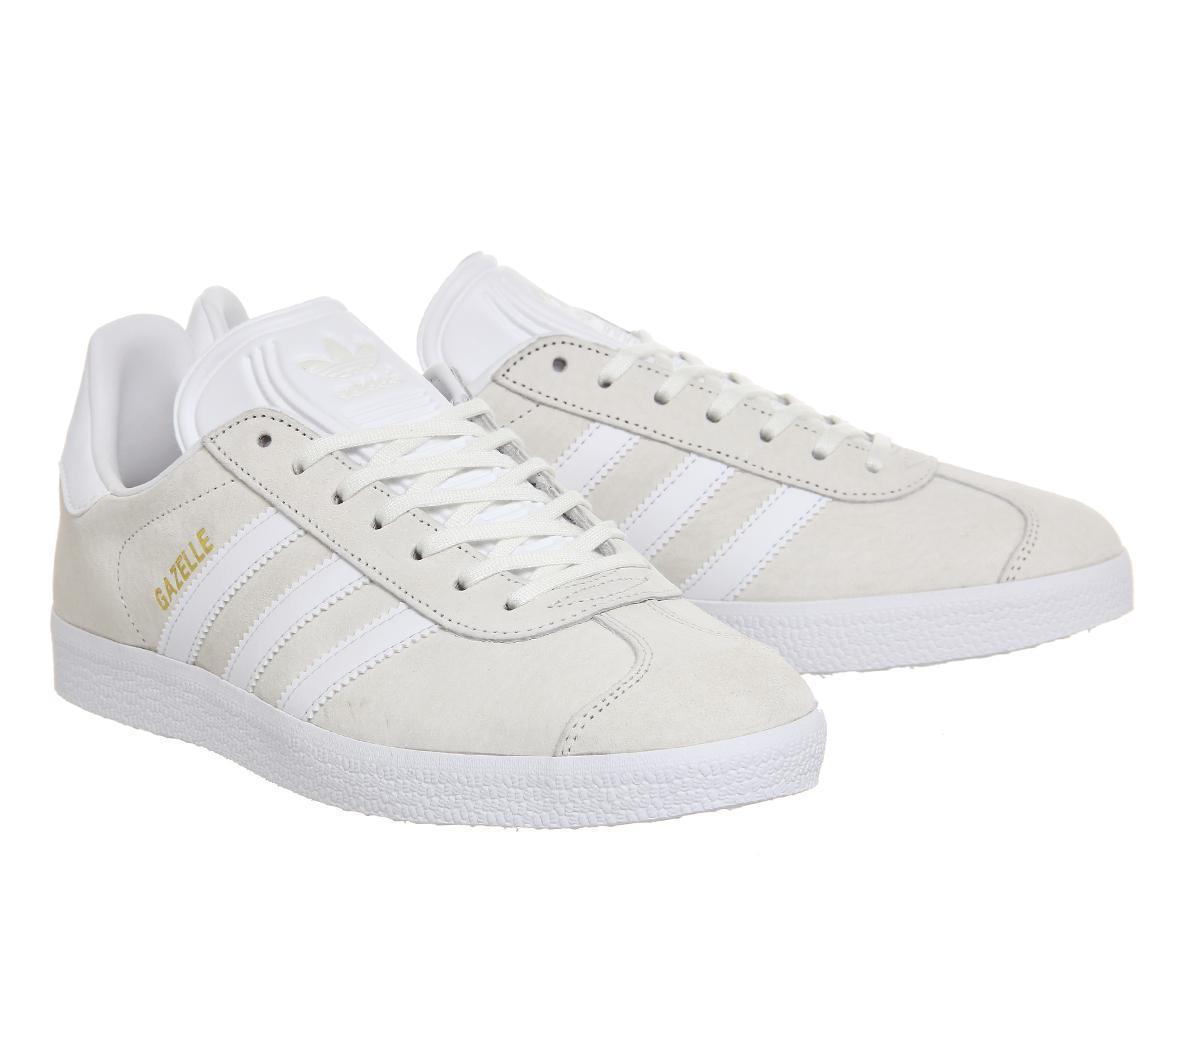 adidas gazelle off white